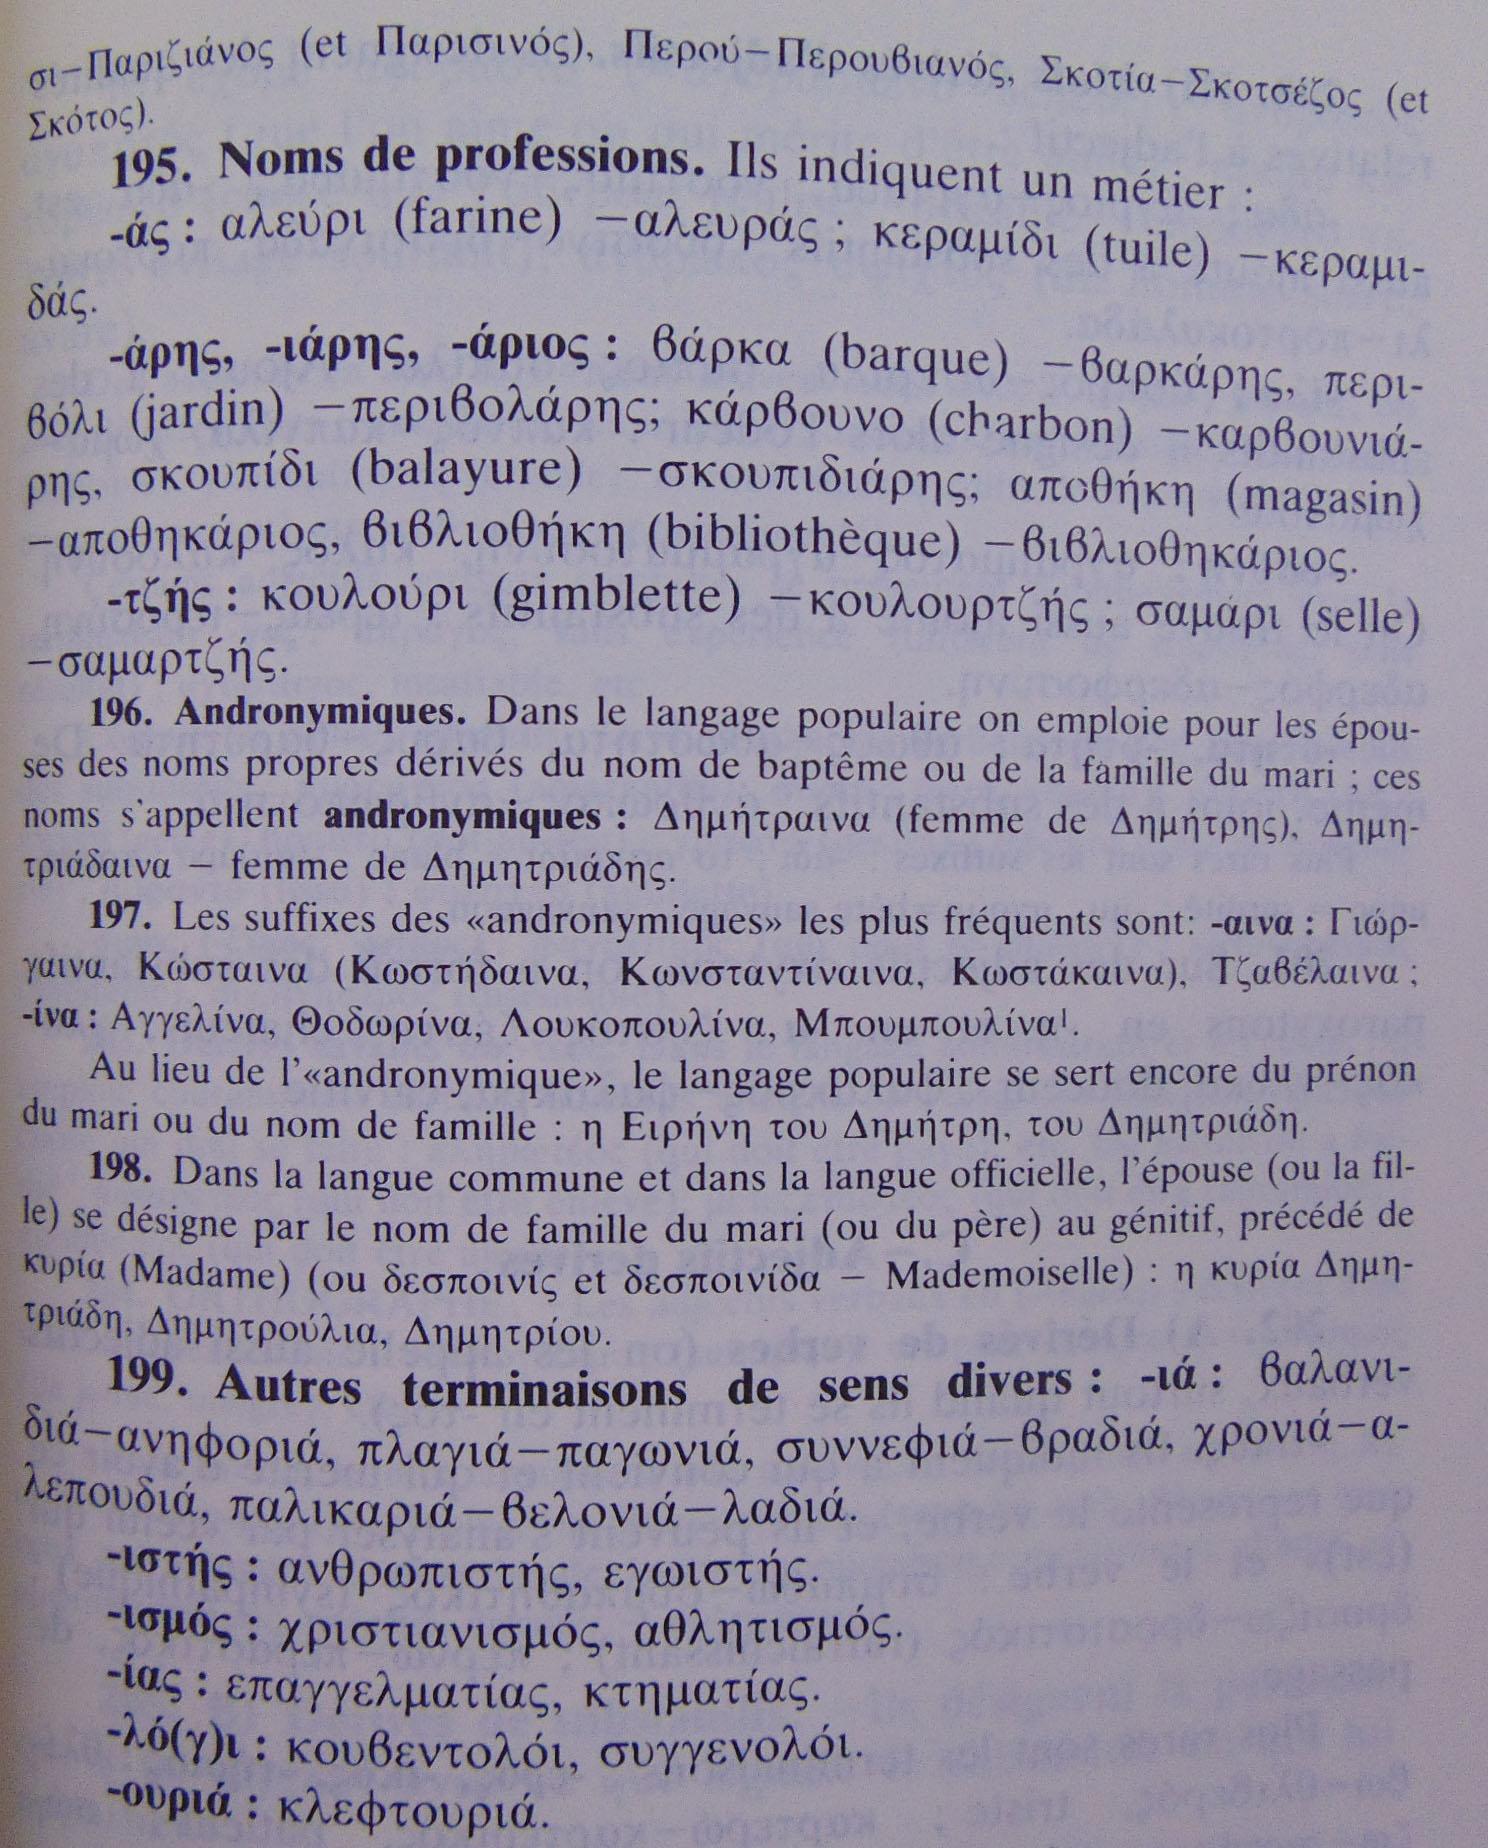 grammaire grec moderne 28 images institut d etudes neo helleniques de cours de grec moderne